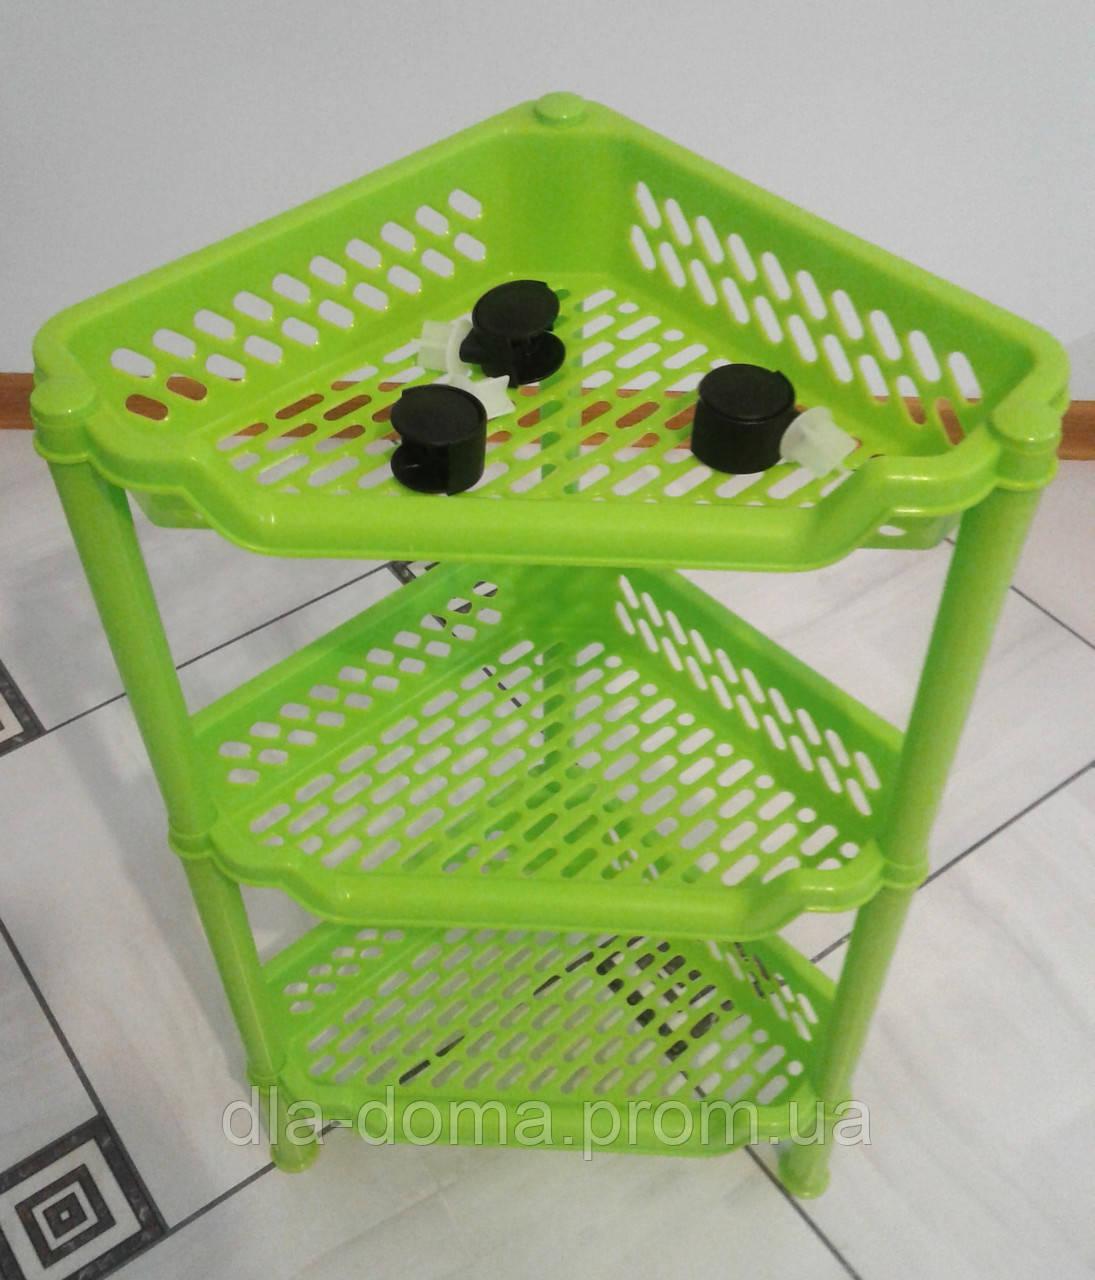 Этажерка пластиковая угловая салатовая, фото 1